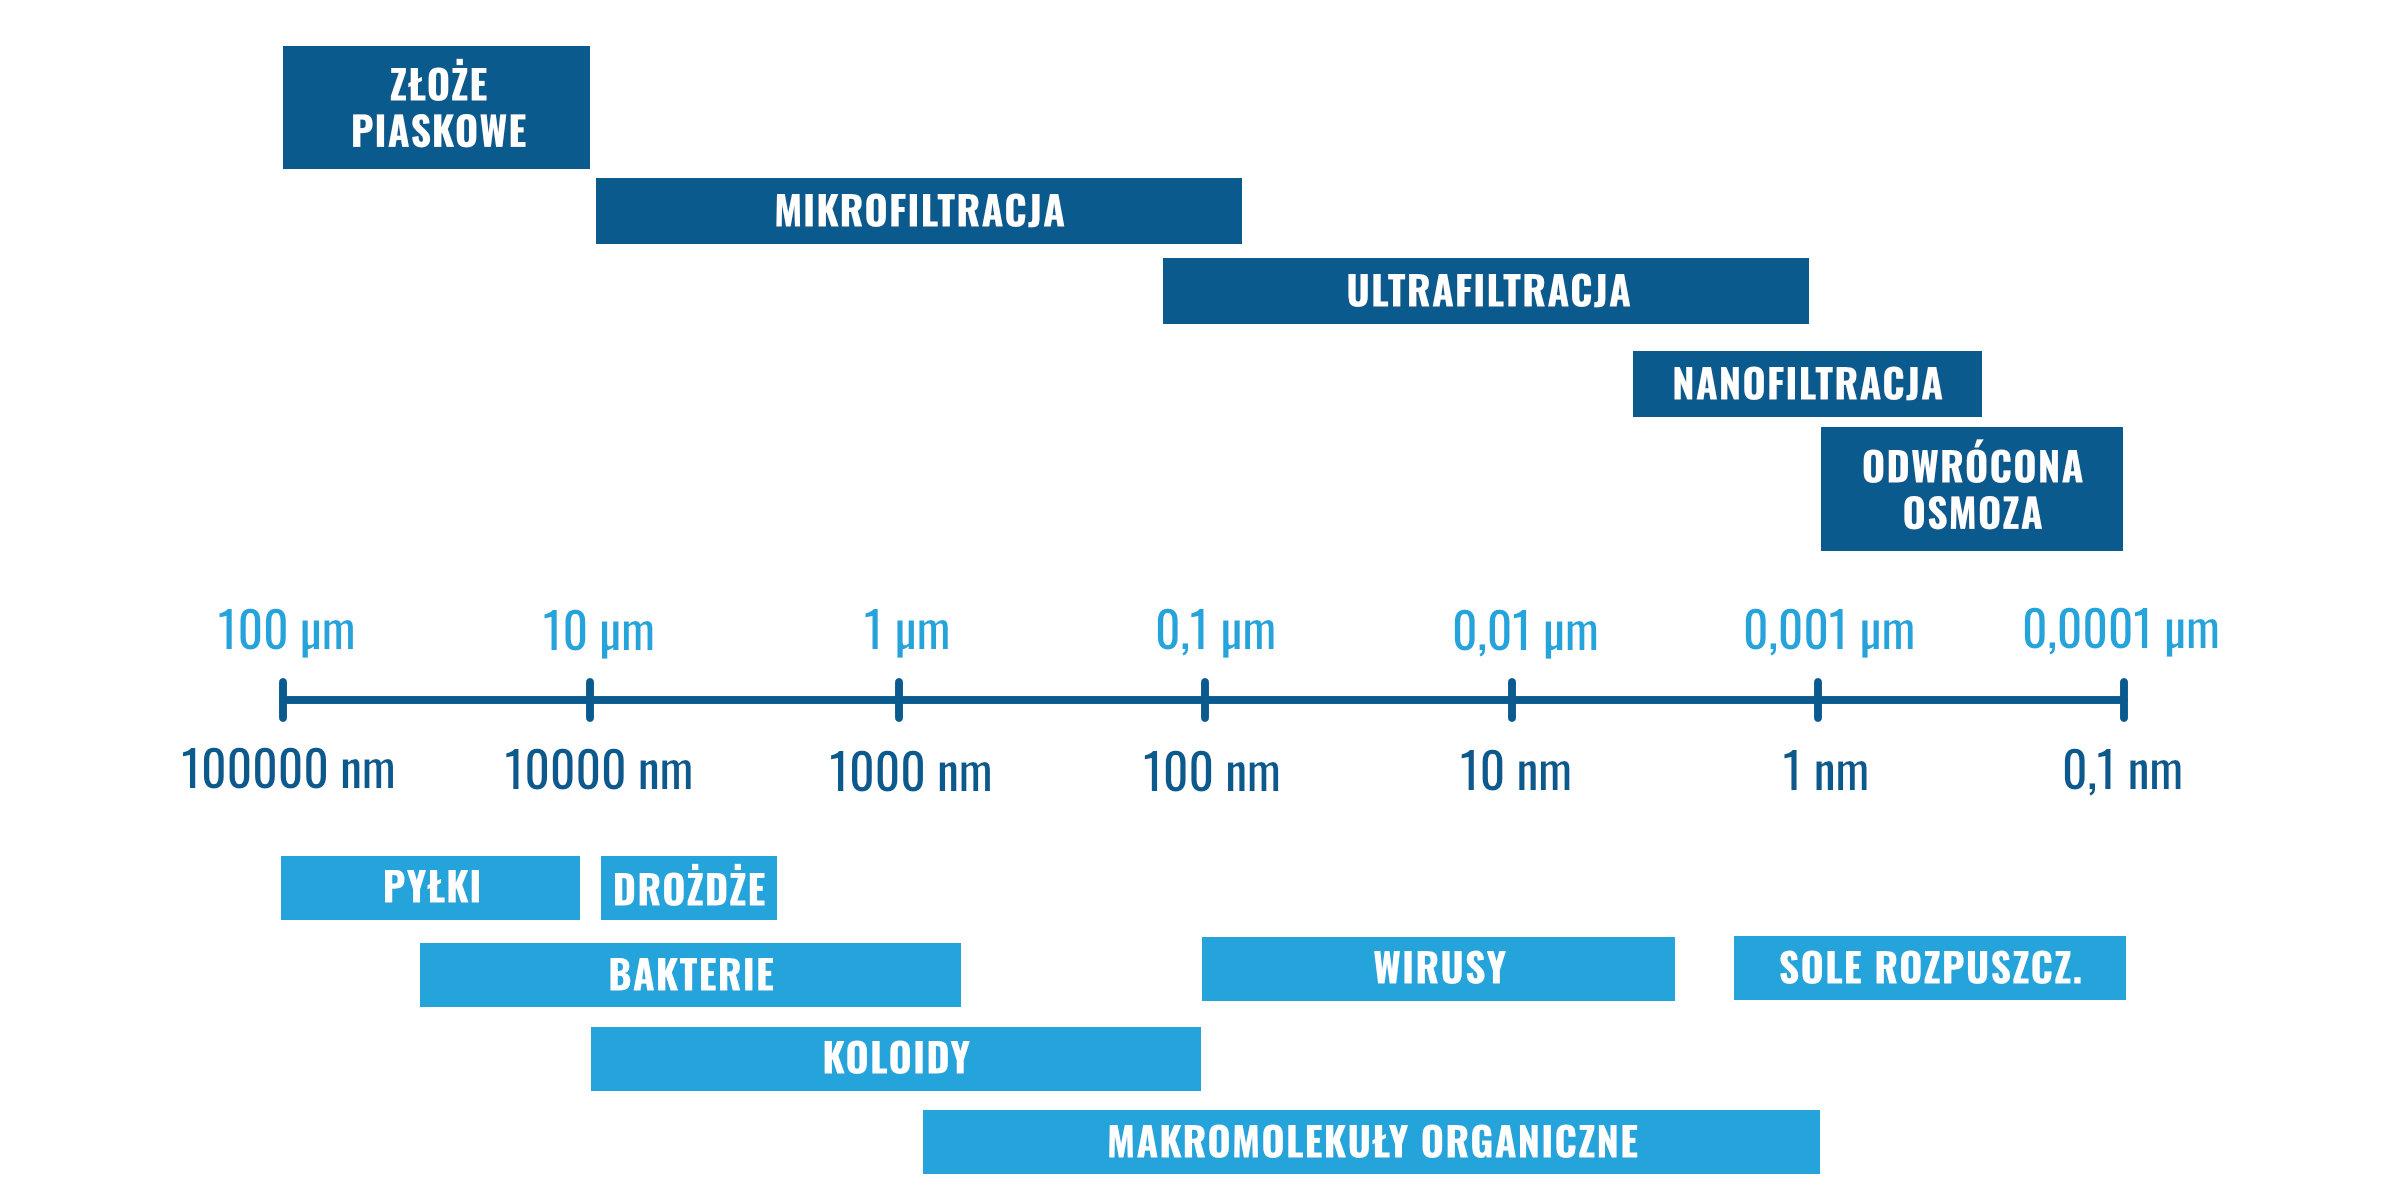 Mikrofiltracja, ultrafiltracja, nanofiltracja i odwrócona osmoza